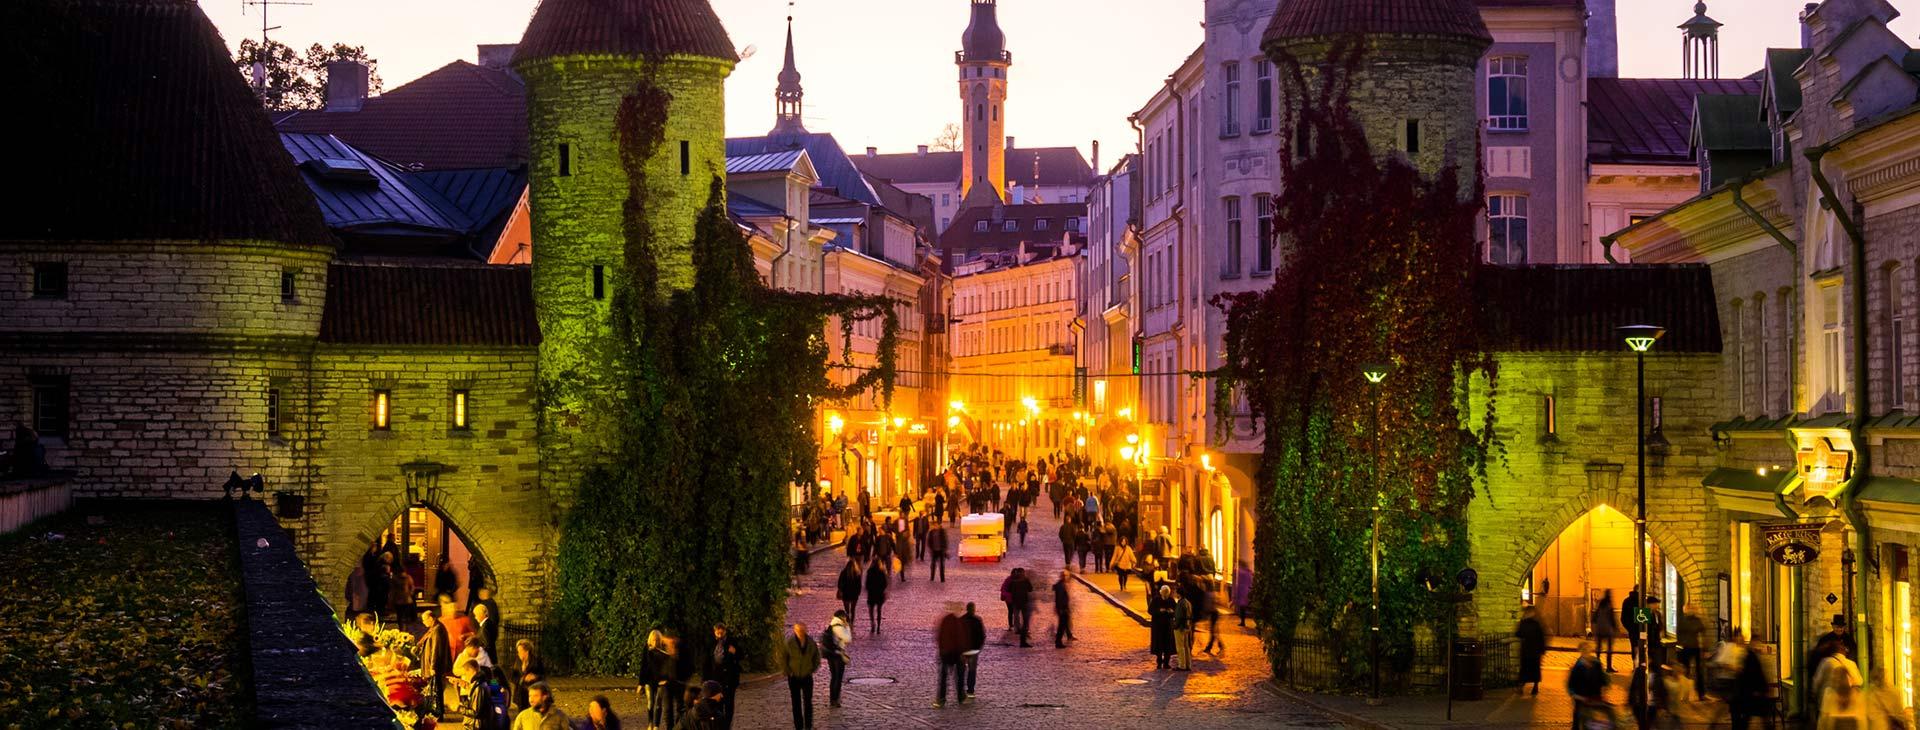 Wilno-Ryga-Tallin-Troki - Nadbałtyckie stolice